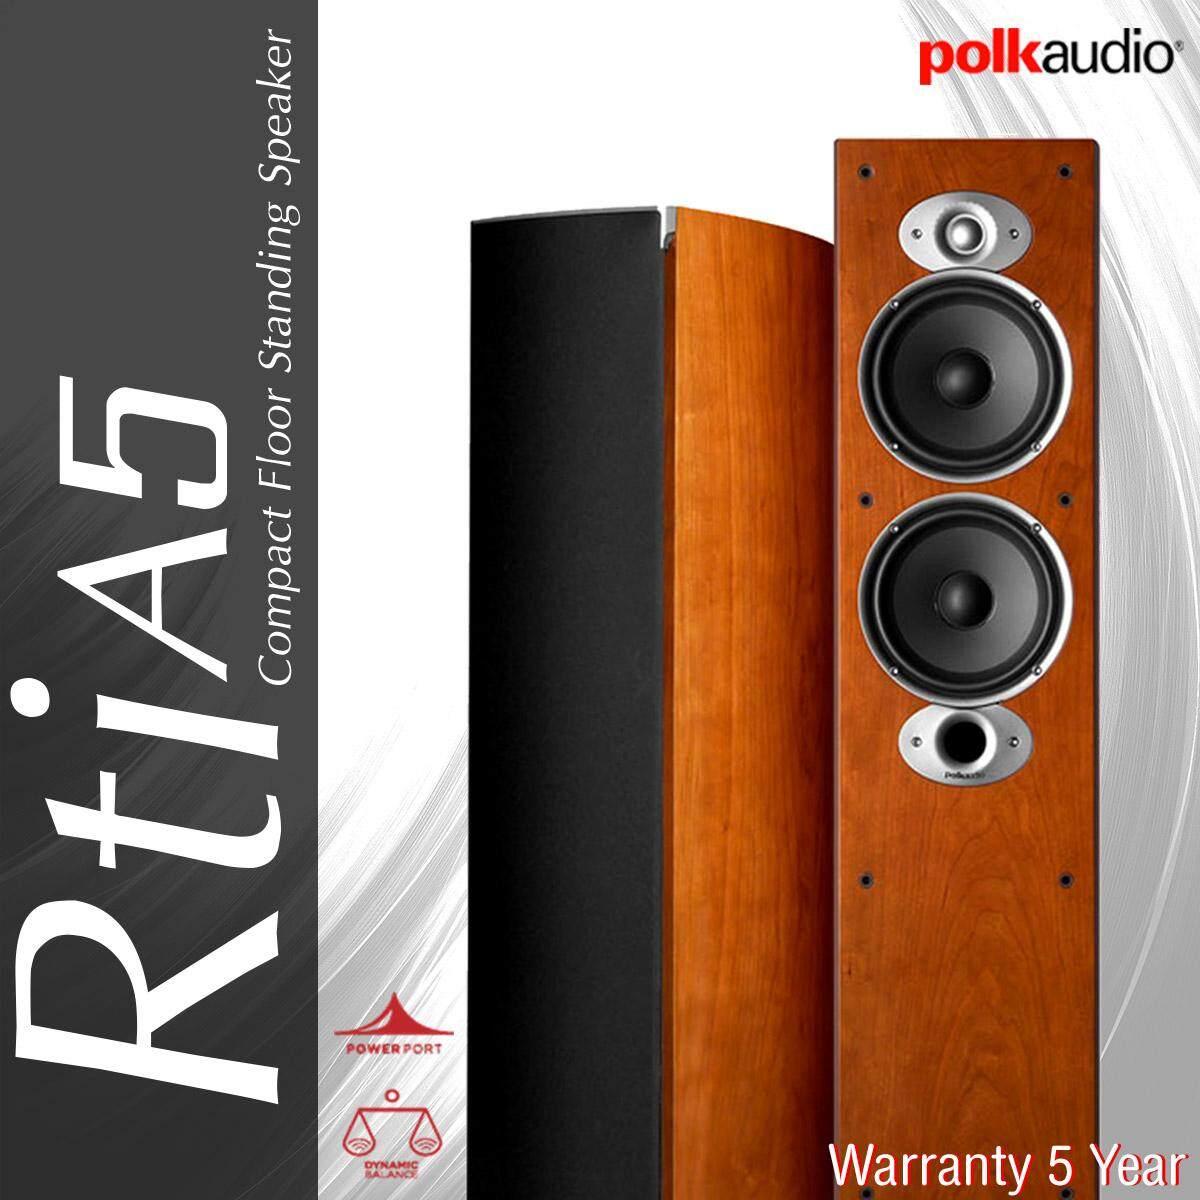 ยี่ห้อไหนดี  ฉะเชิงเทรา Polk Audio RTi A5 Floor-standing speaker รับประกัน 5ปี ศูนย์ POWER BUY จากผู้นำเข้าอย่างเป็นทางการ ราคาต่อ ลำโพง 1คู่ ได้ลำโพง2ตัว ซ้าย-ขวา